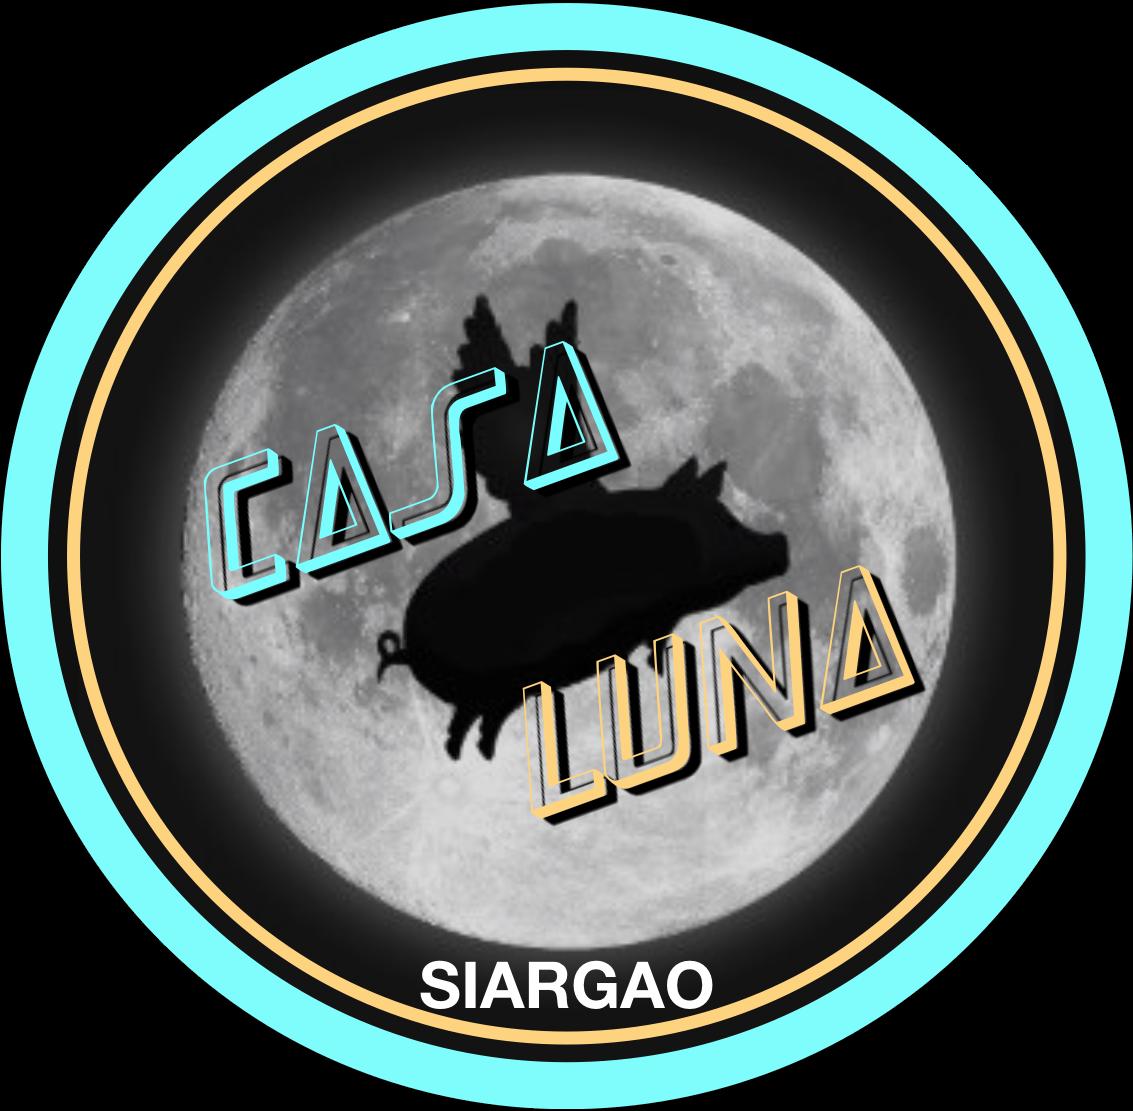 Casa Luna Siargao